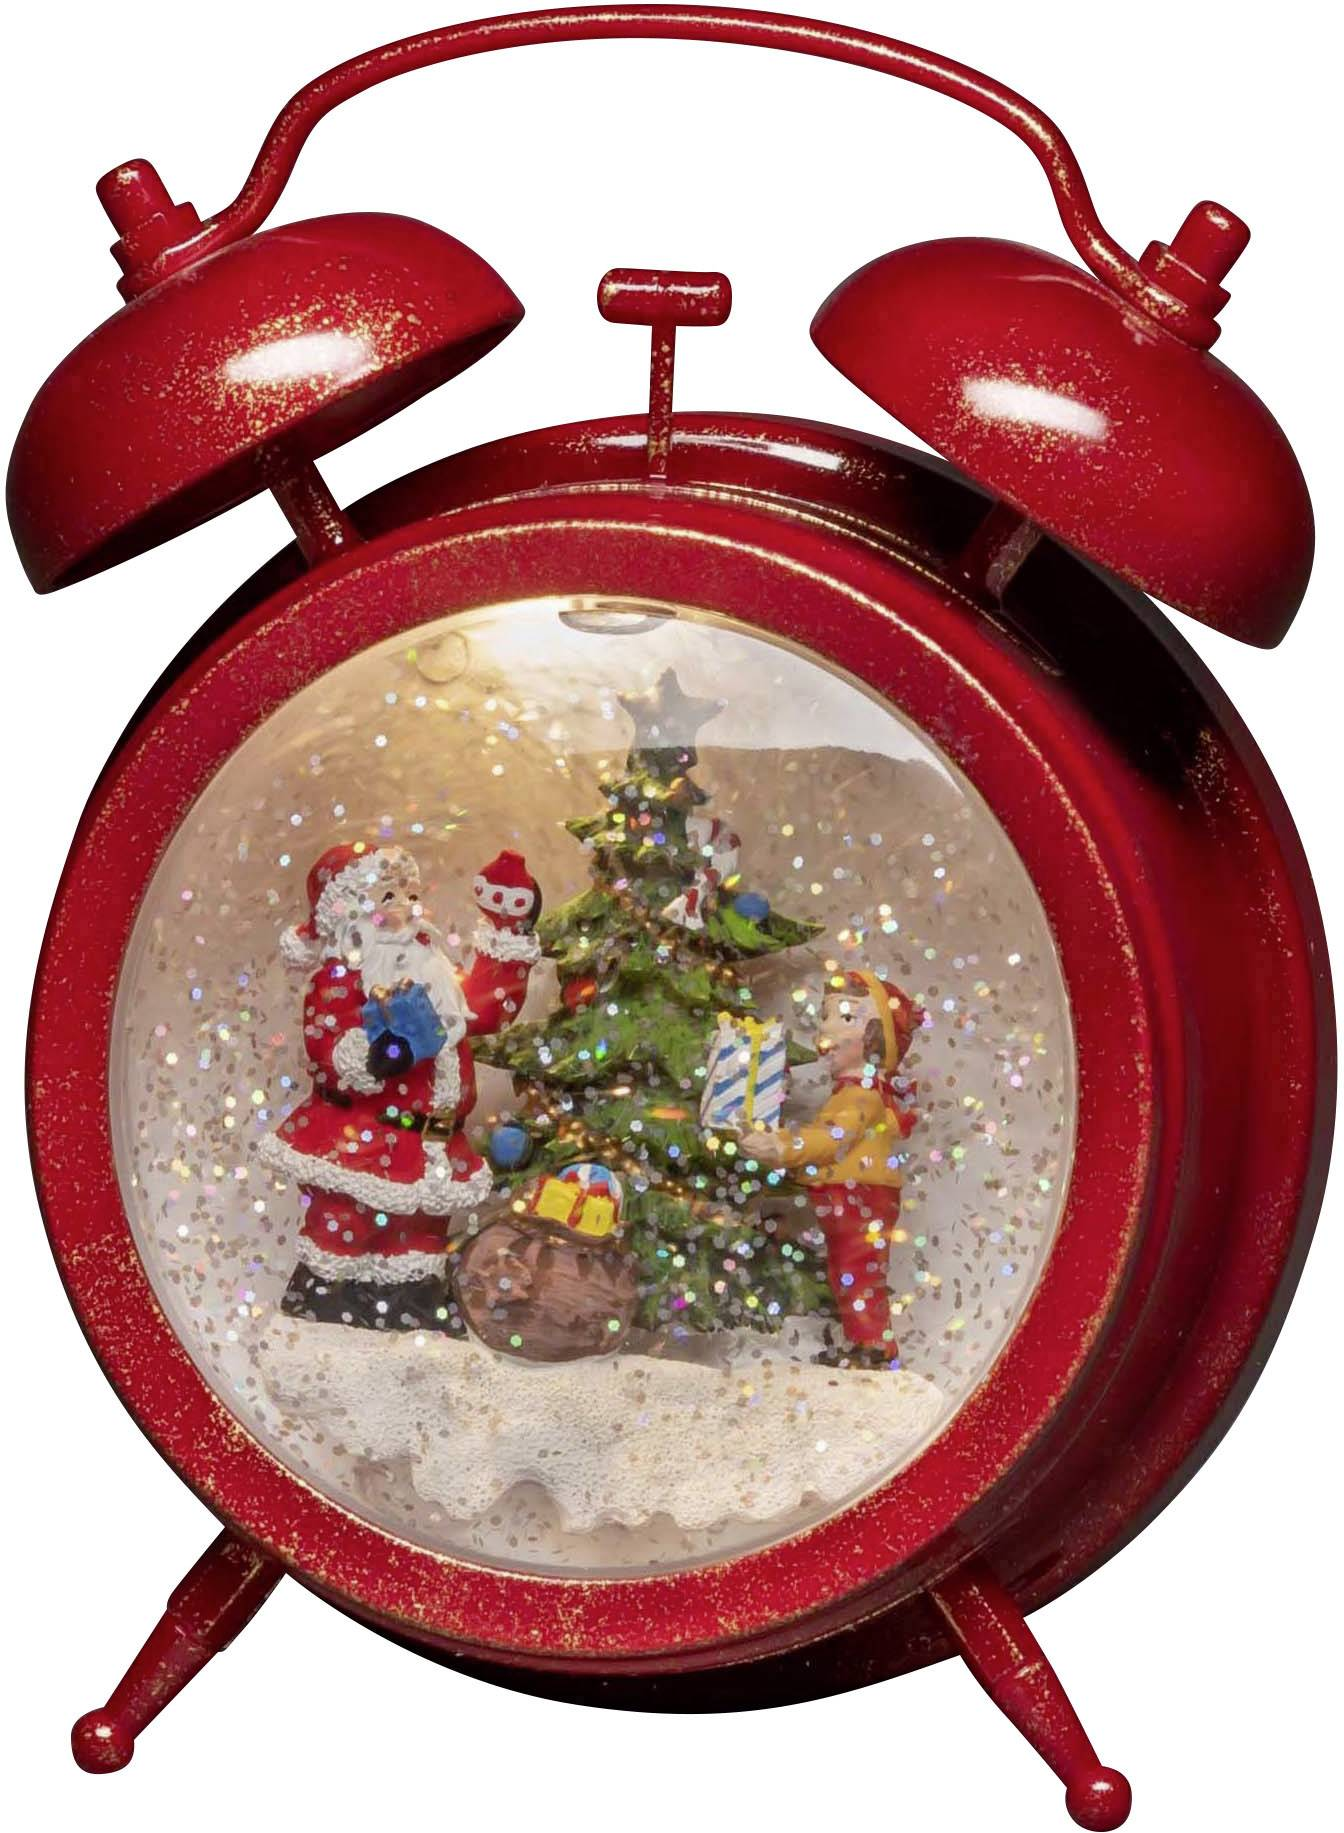 Warm Timer 550 Und Konstsmide Kind Wecker Weihnachtsmann Weiß Led Rot Mit Szenerie 4375 P80kOXwn